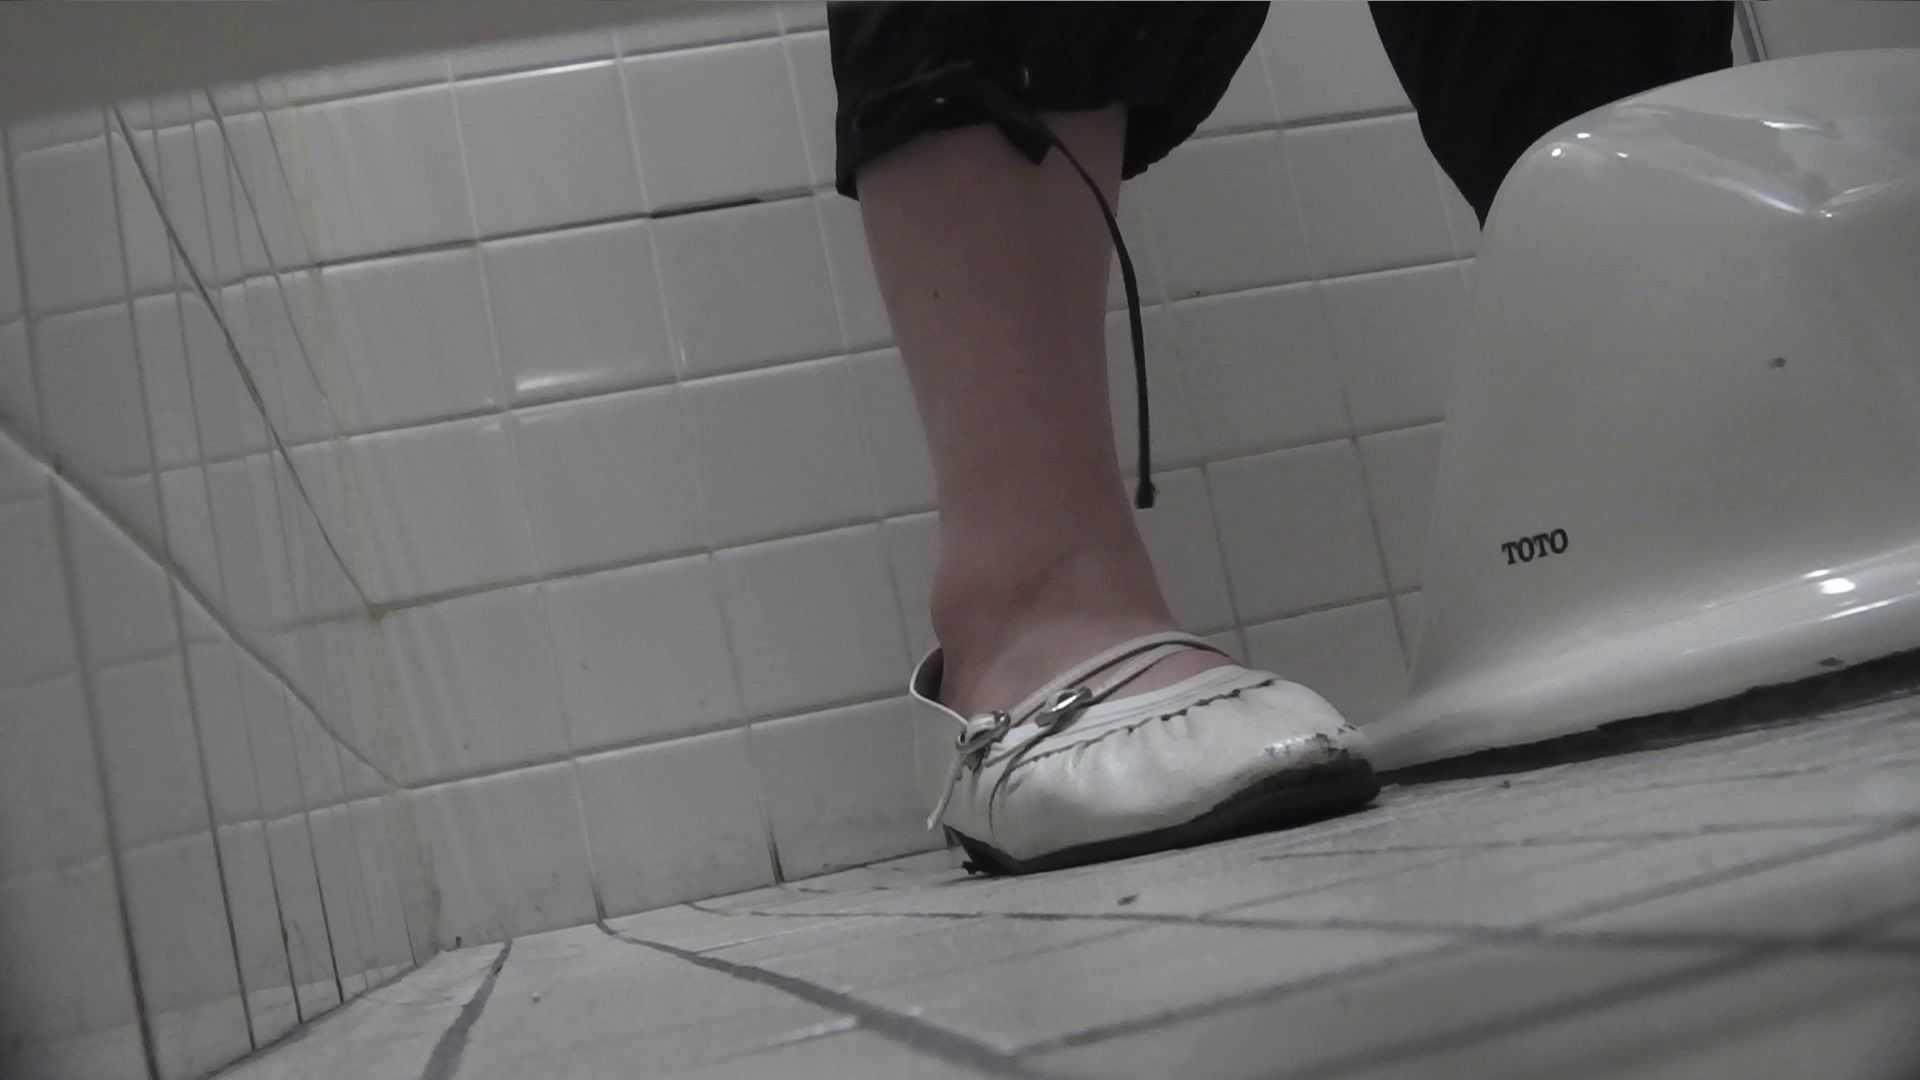 vol.07 命がけ潜伏洗面所! 結構寄れたとおもいます。(笑) プライベート  74画像 40